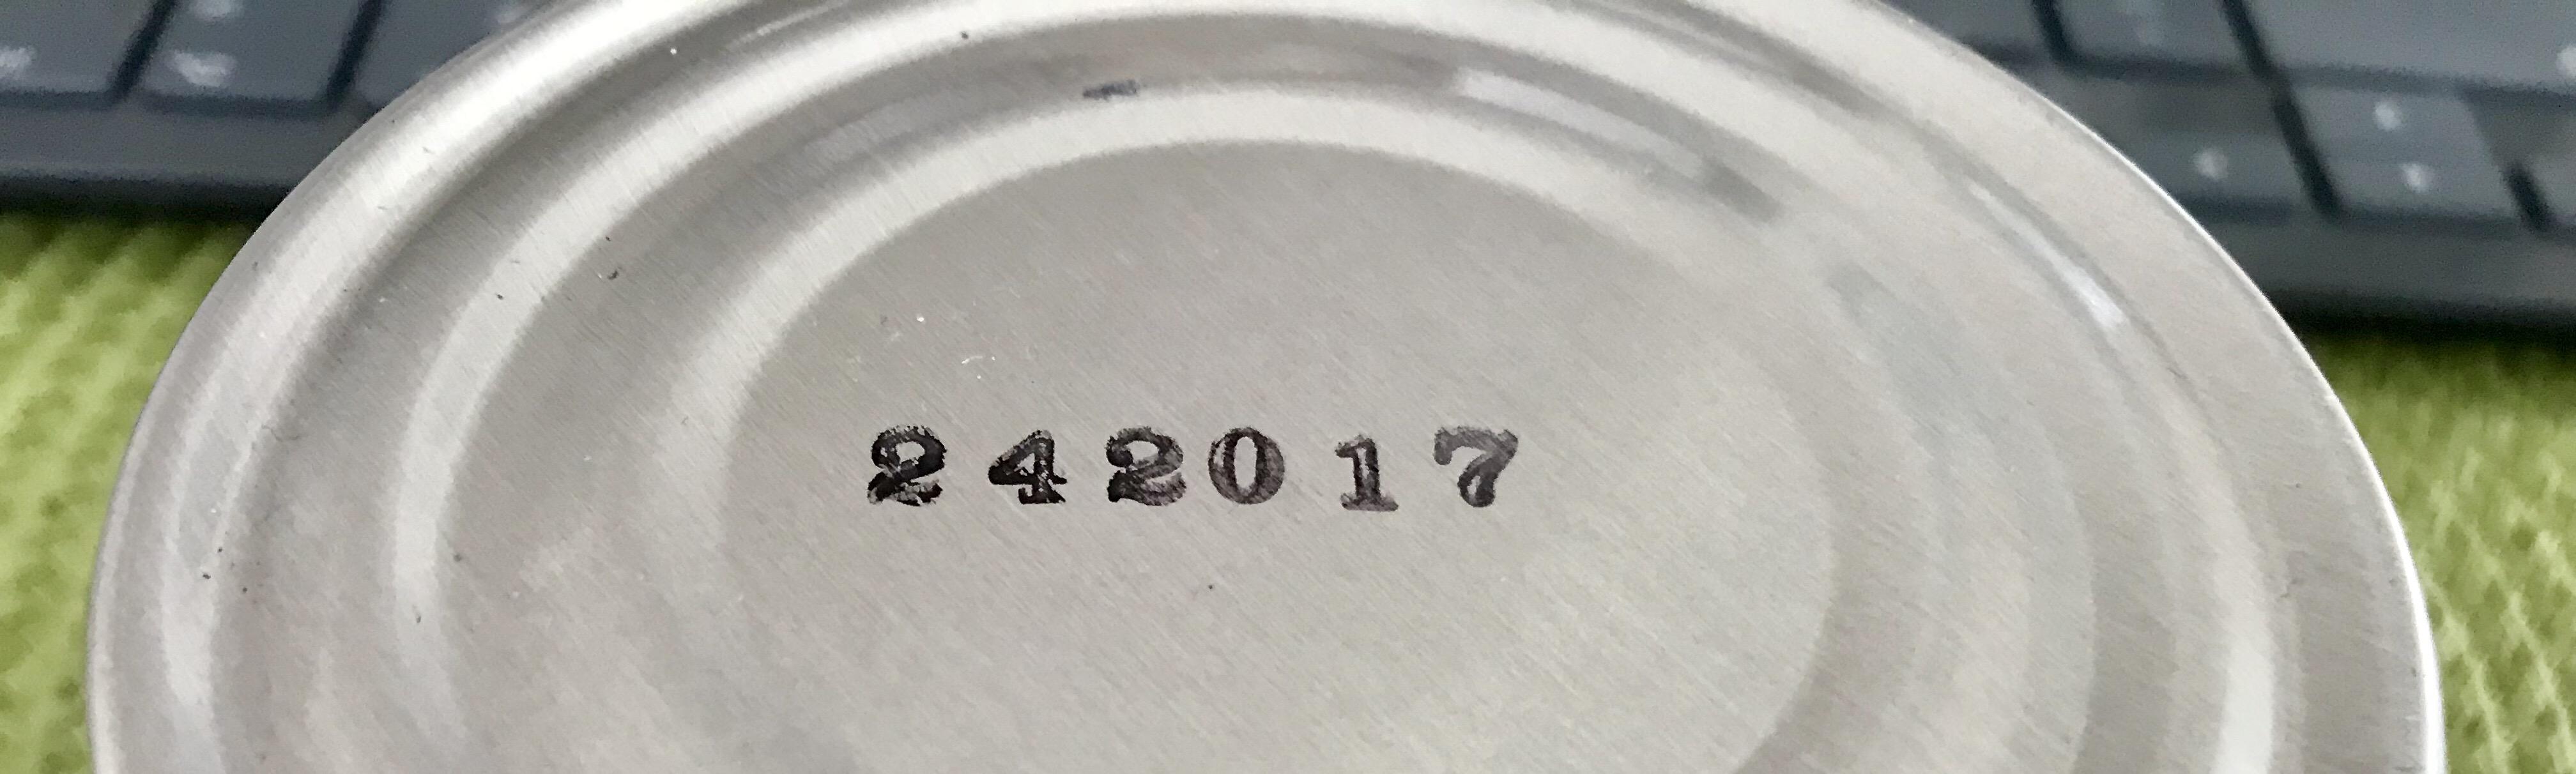 229e6115-a021-4427-808c-67eee0765907.jpeg